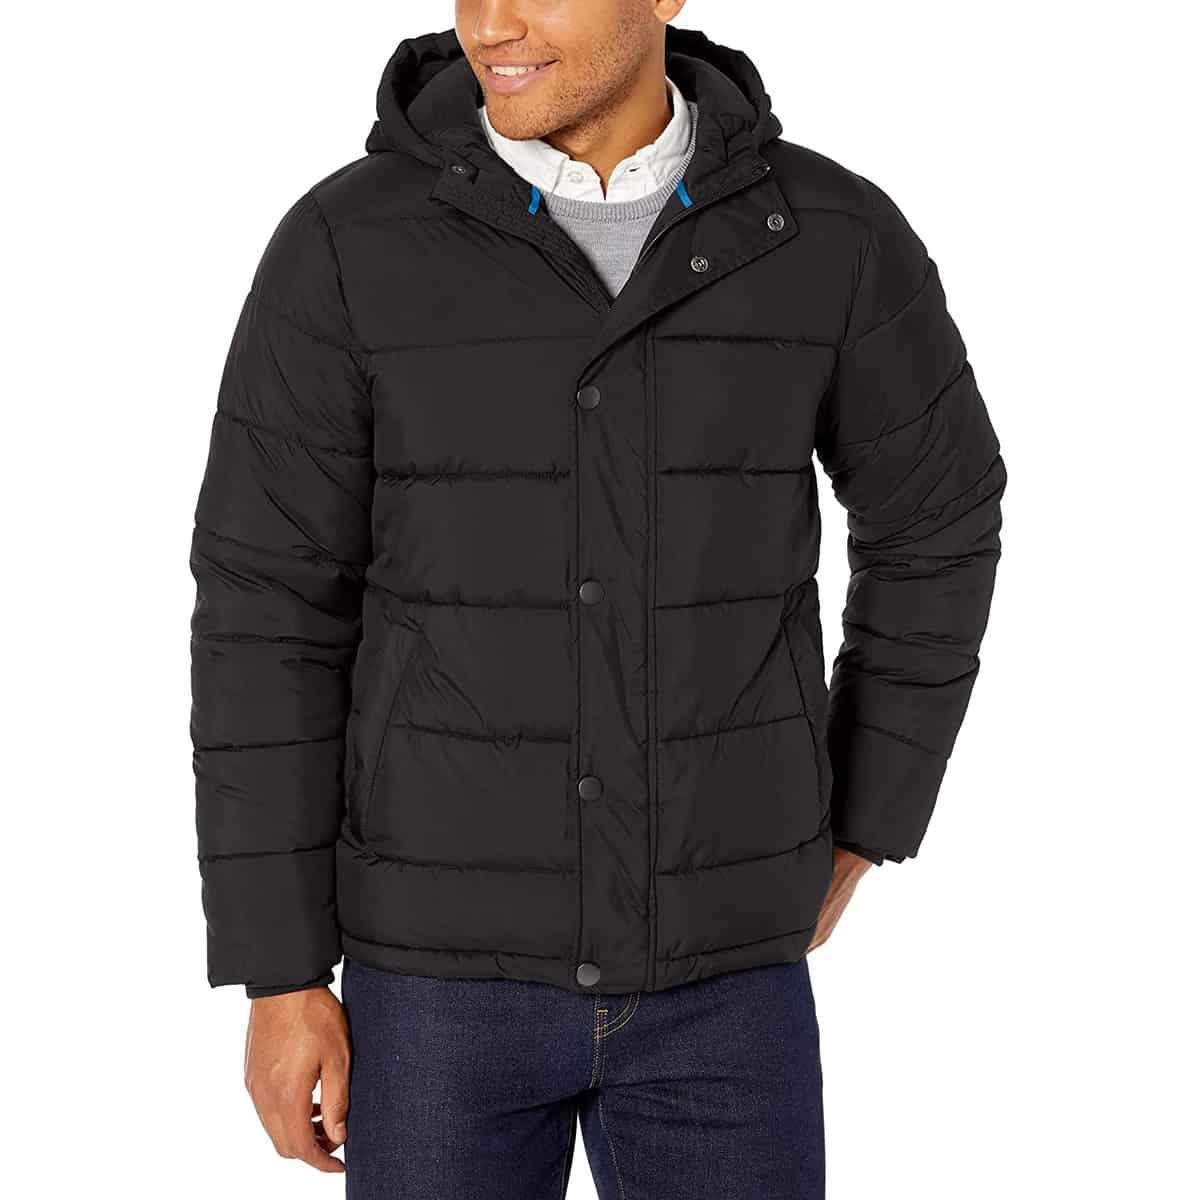 Amazon-Essentials-Puffer-Jacket